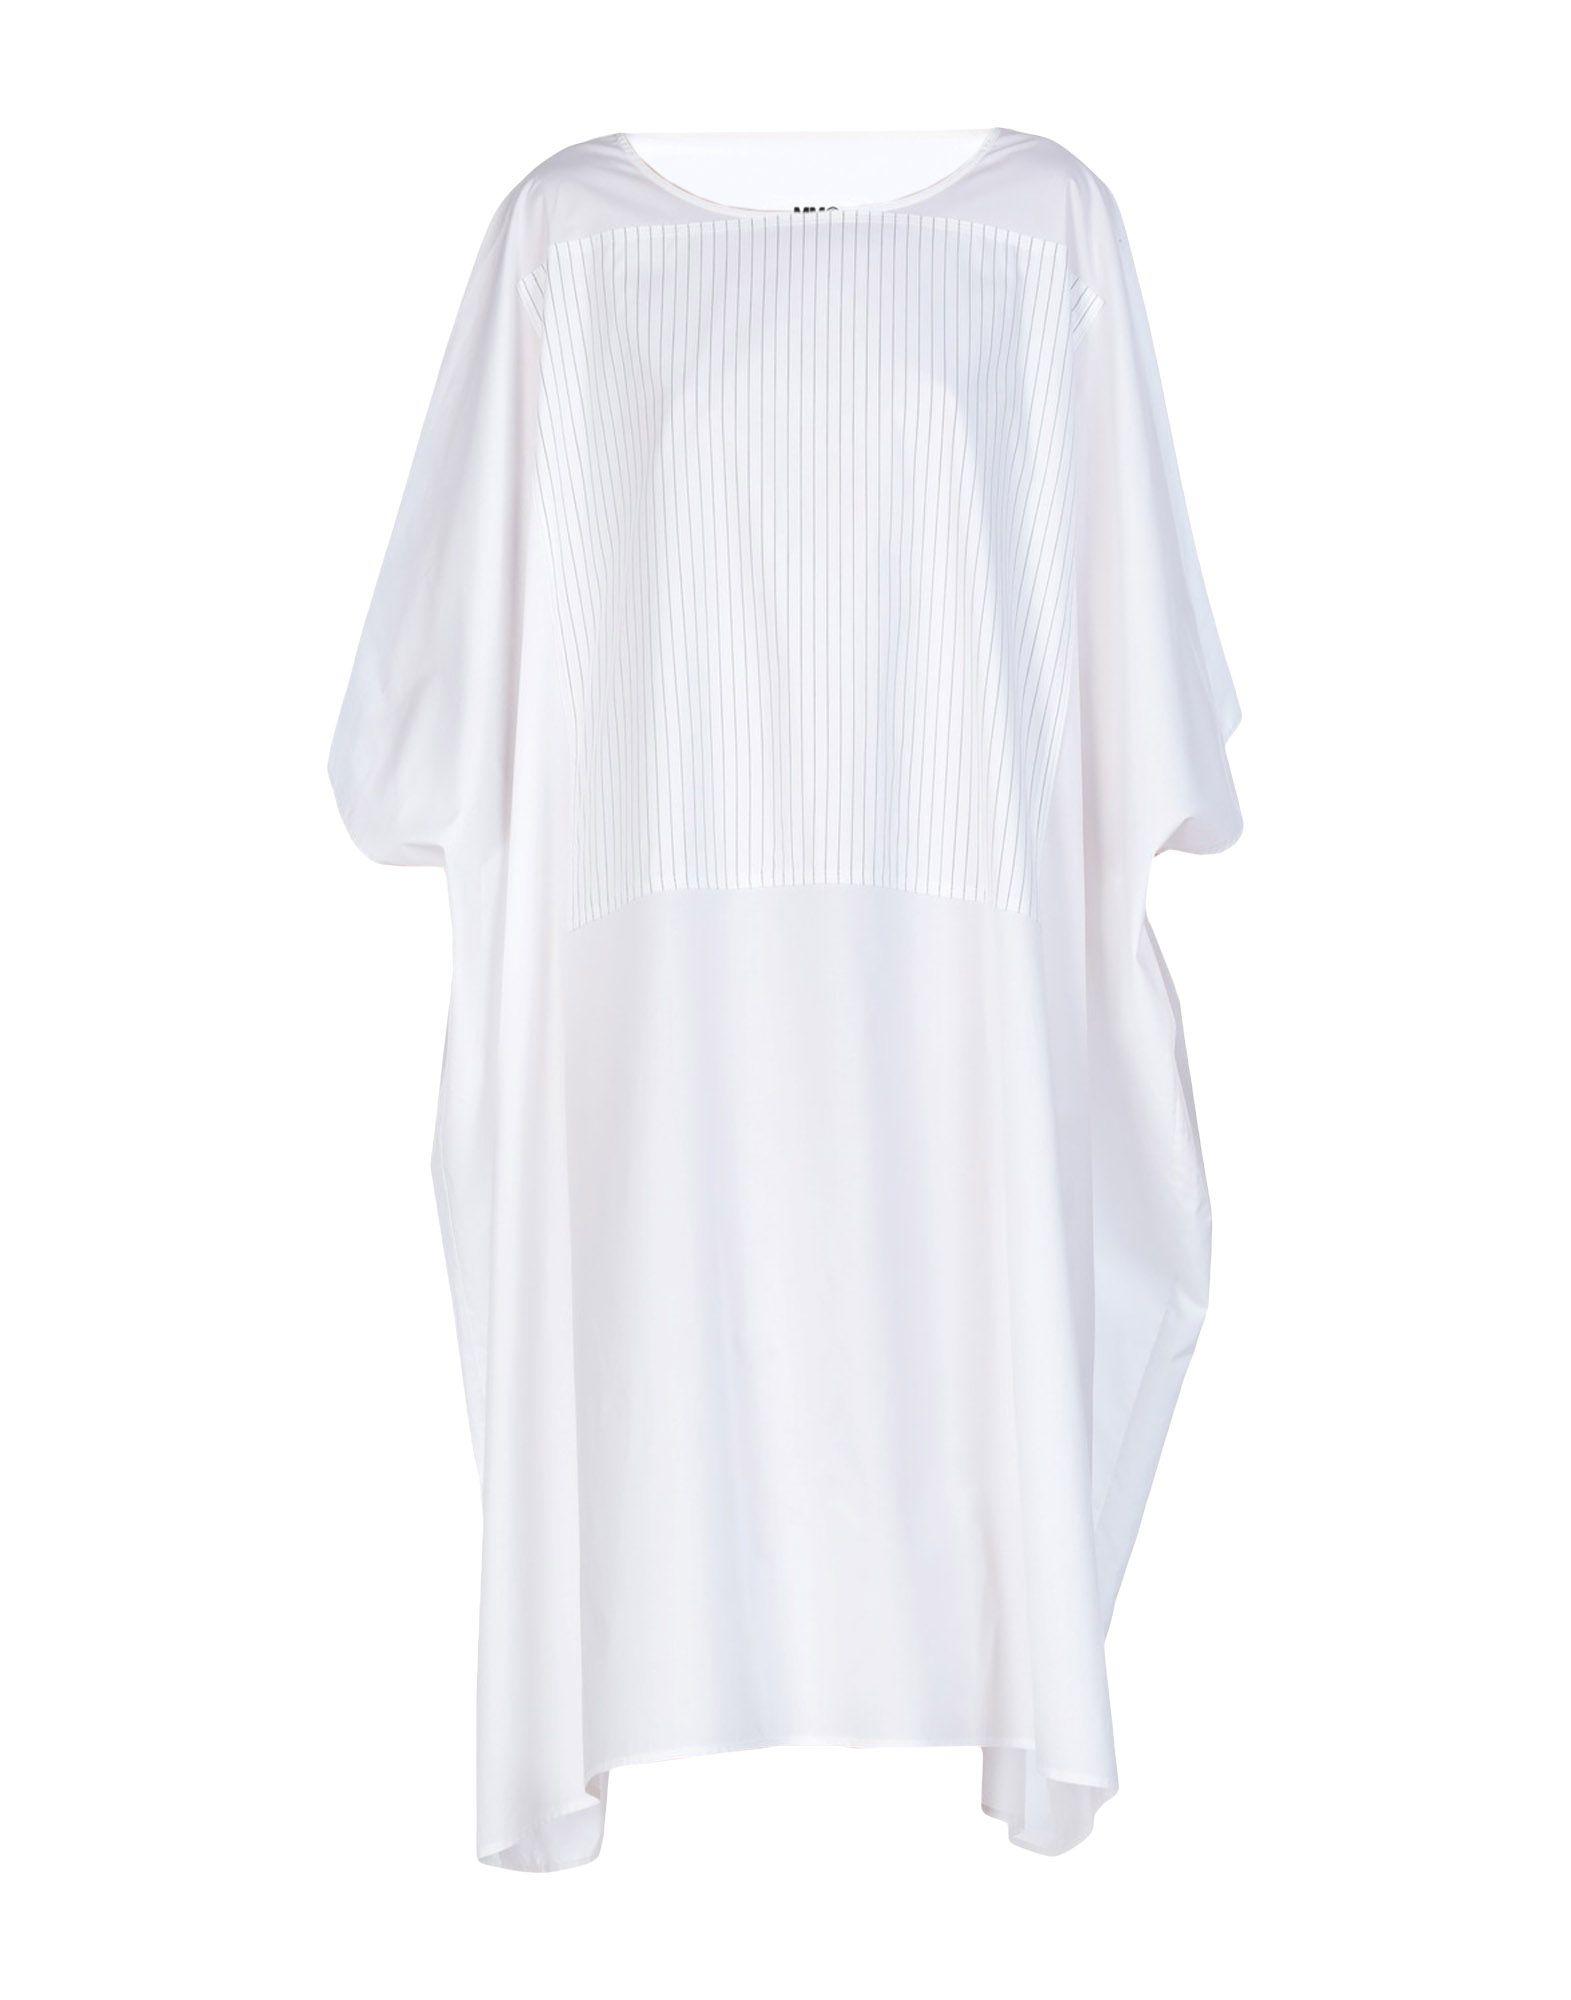 MM6 MAISON MARGIELA Платье длиной 3/4 платье 3 в 1